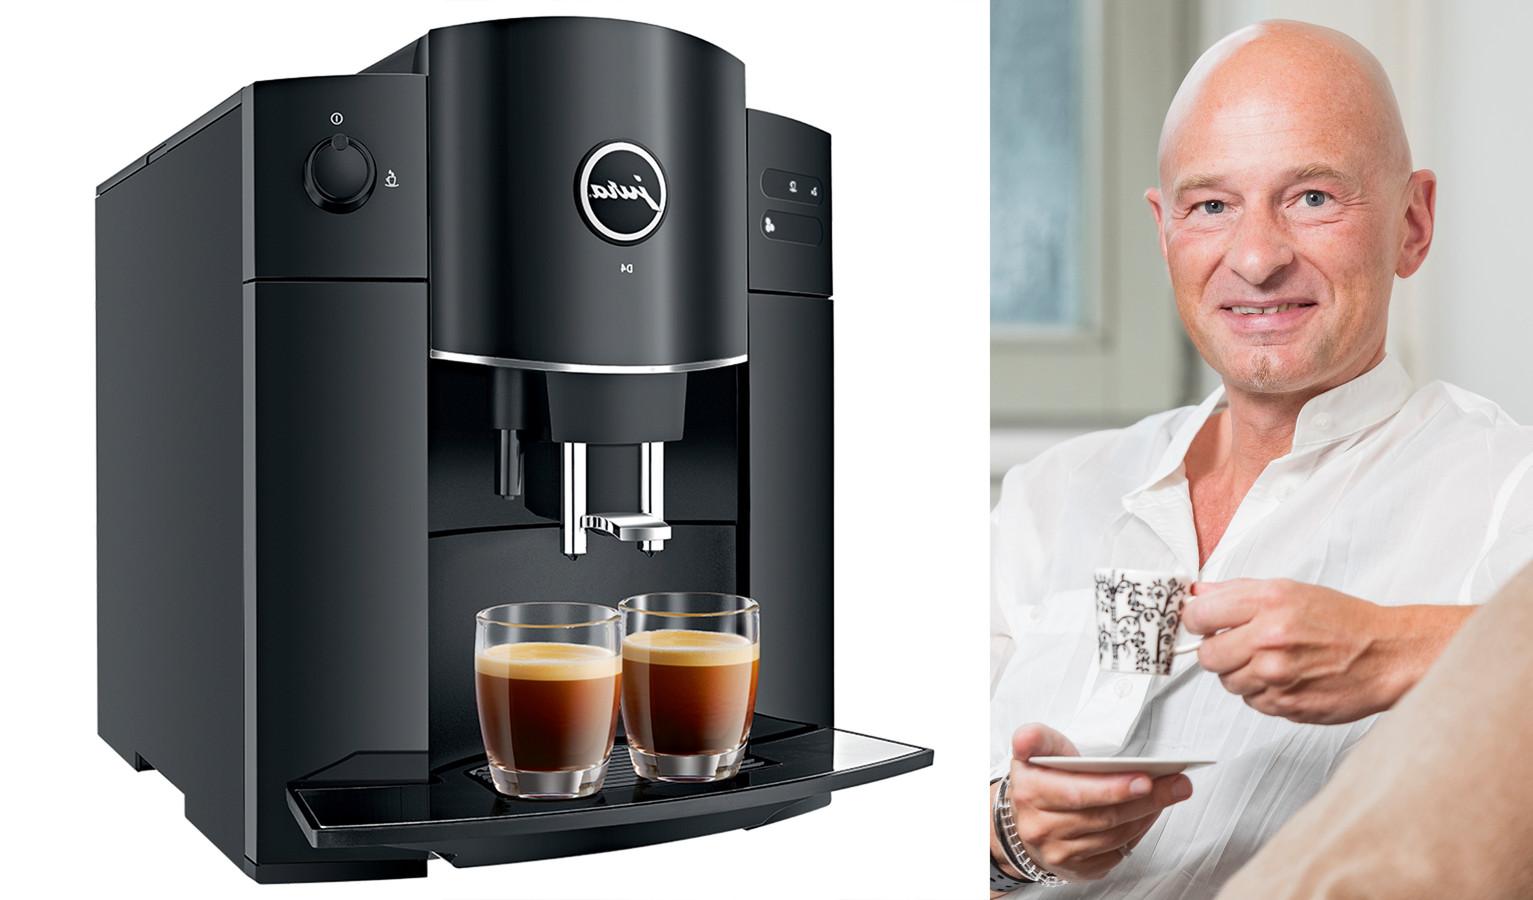 Links: Jura D4 Piano Black | Koffiekenner Peter Hernou legt uit waarop je moet letten bij de aankoop van een espressomachine.